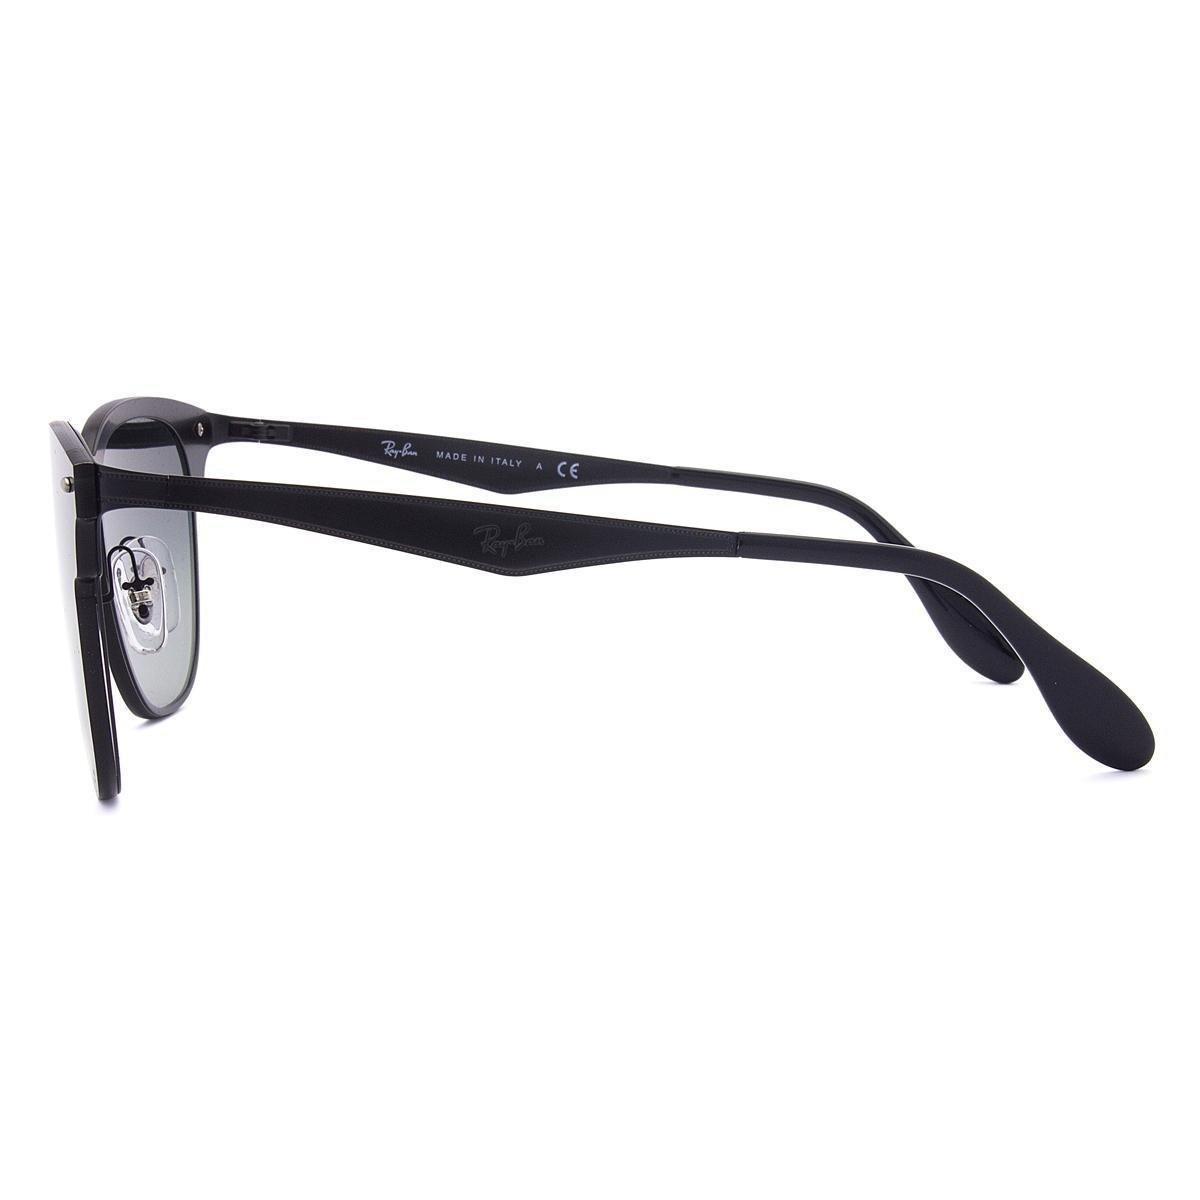 1a77517817789 Óculos de Sol Ray-Ban Blaze Clubmaster RB3576N - 153 11 47 - Compre ...